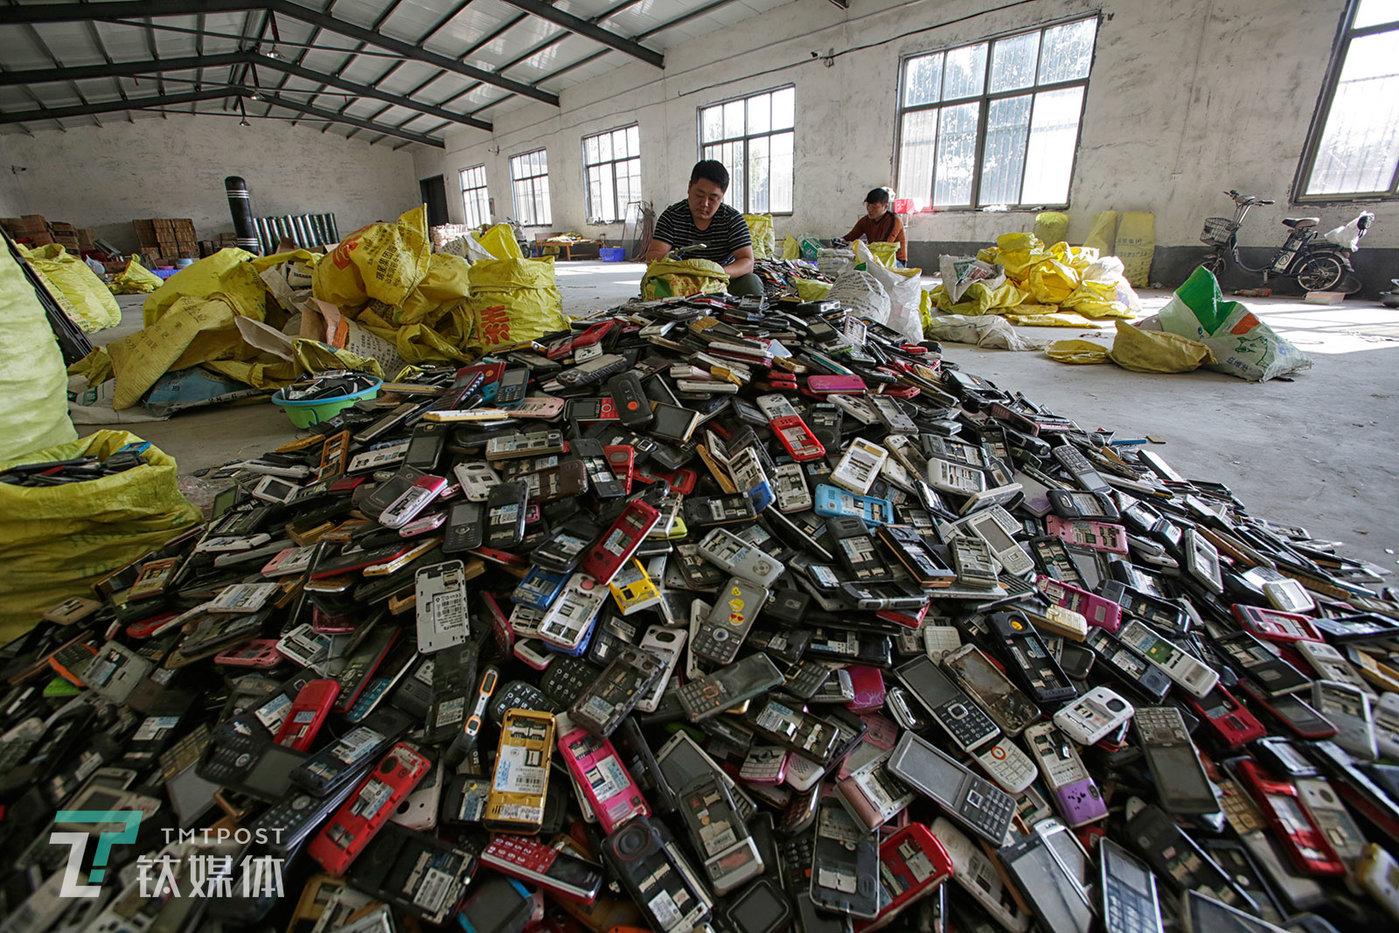 一批分拣完毕的老式功能机。经过分拣,老年机、老式功能机、山寨手机会被发往河南的拆解厂,电池被发给专门的回收商,其他废旧智能机、储存卡等会被发往深圳华强北一带的废旧手机交易市场。